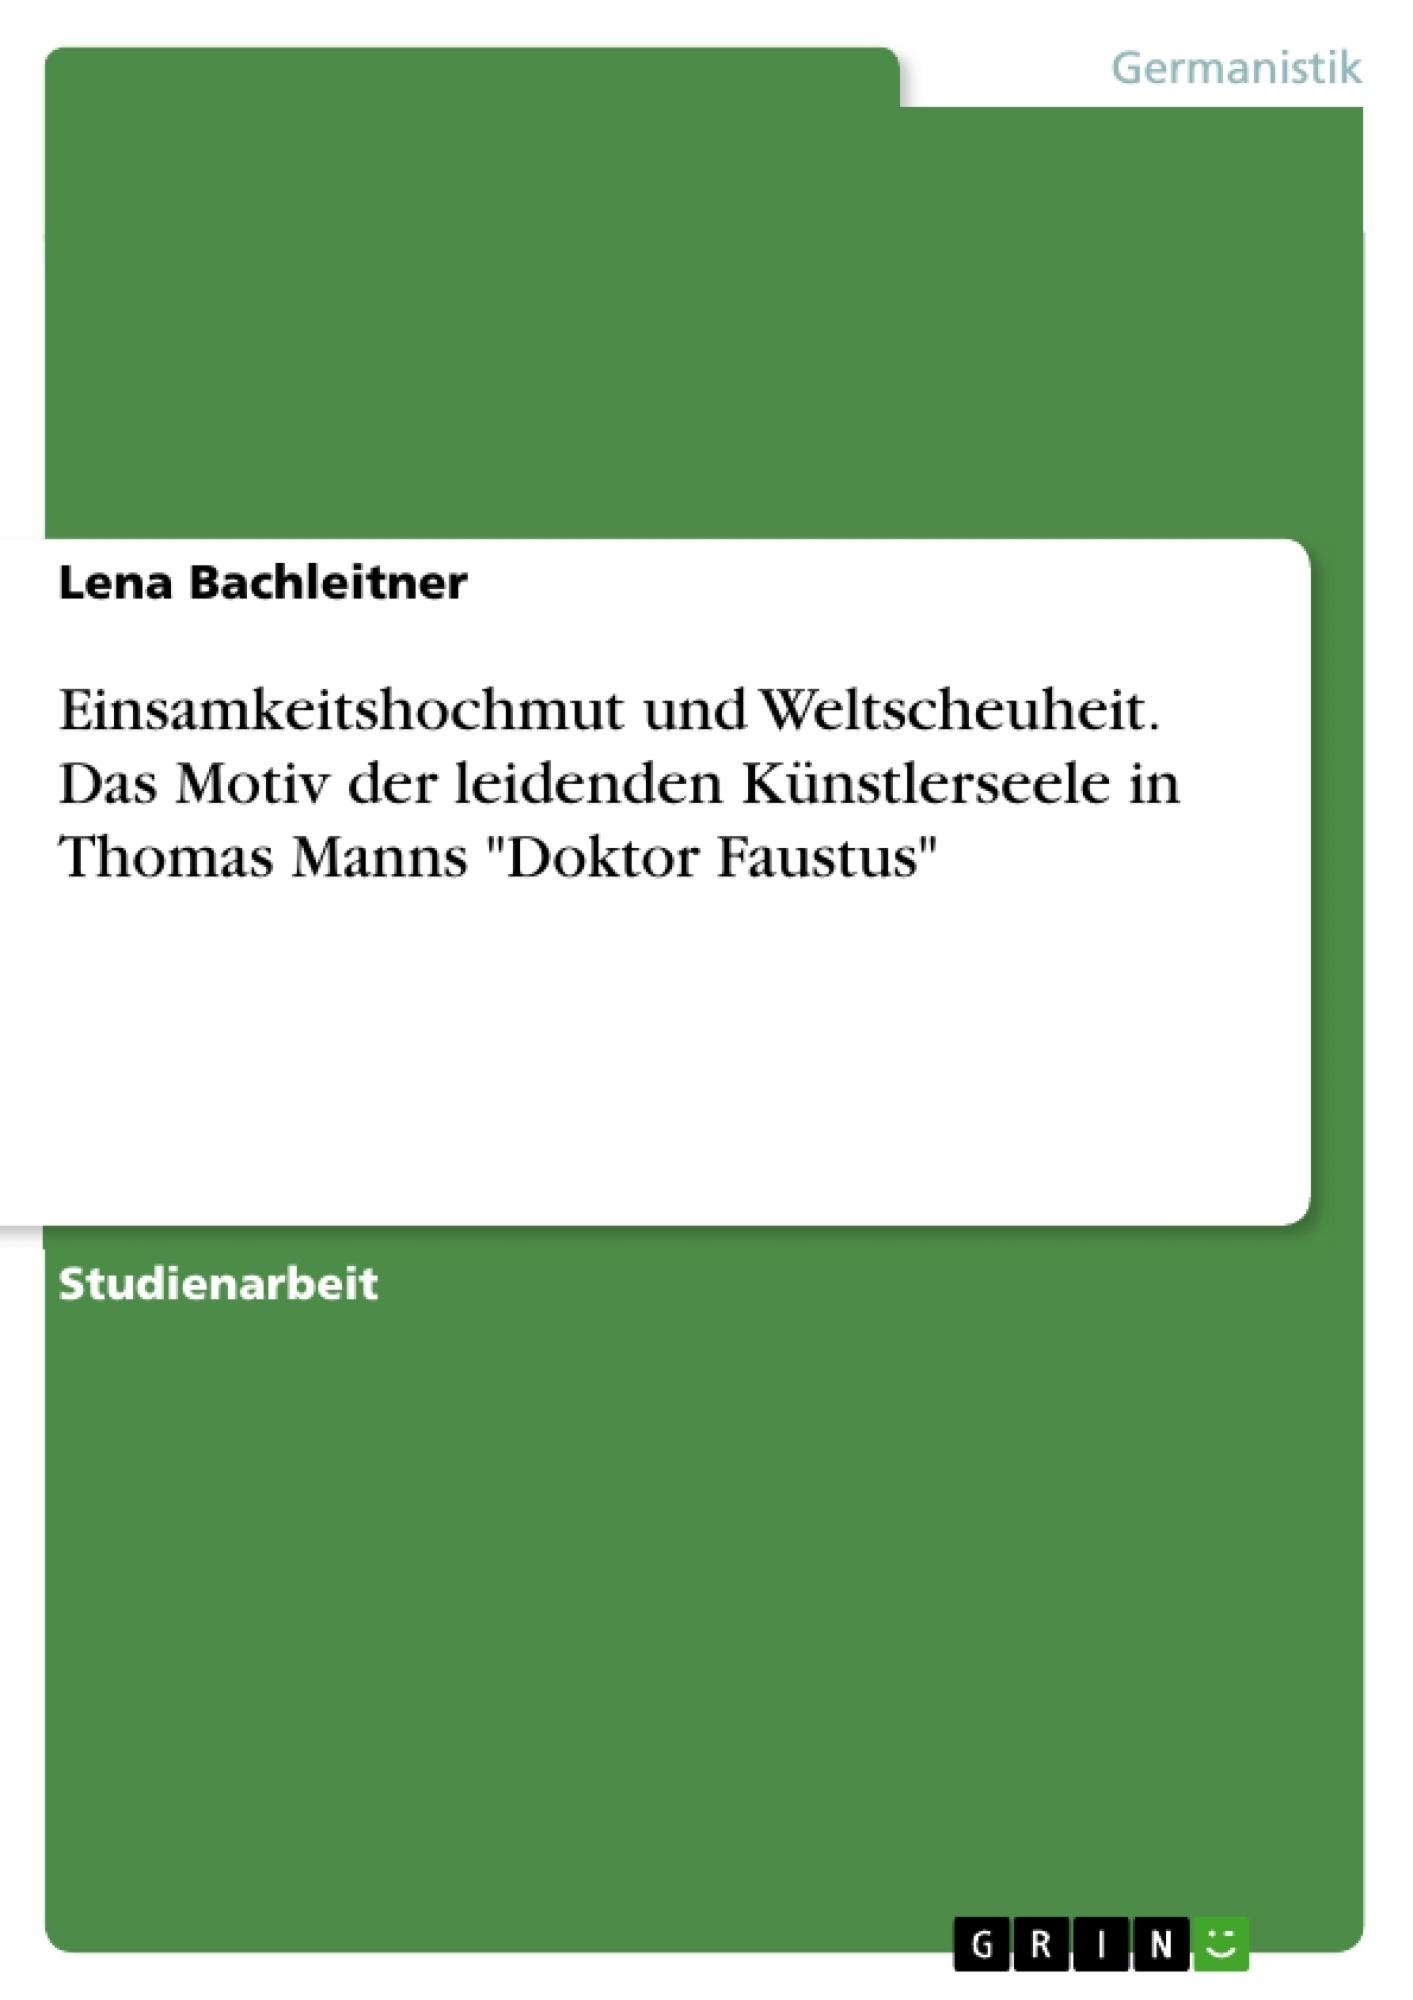 """Titel: Einsamkeitshochmut und Weltscheuheit. Das Motiv der leidenden Künstlerseele in Thomas Manns """"Doktor Faustus"""""""